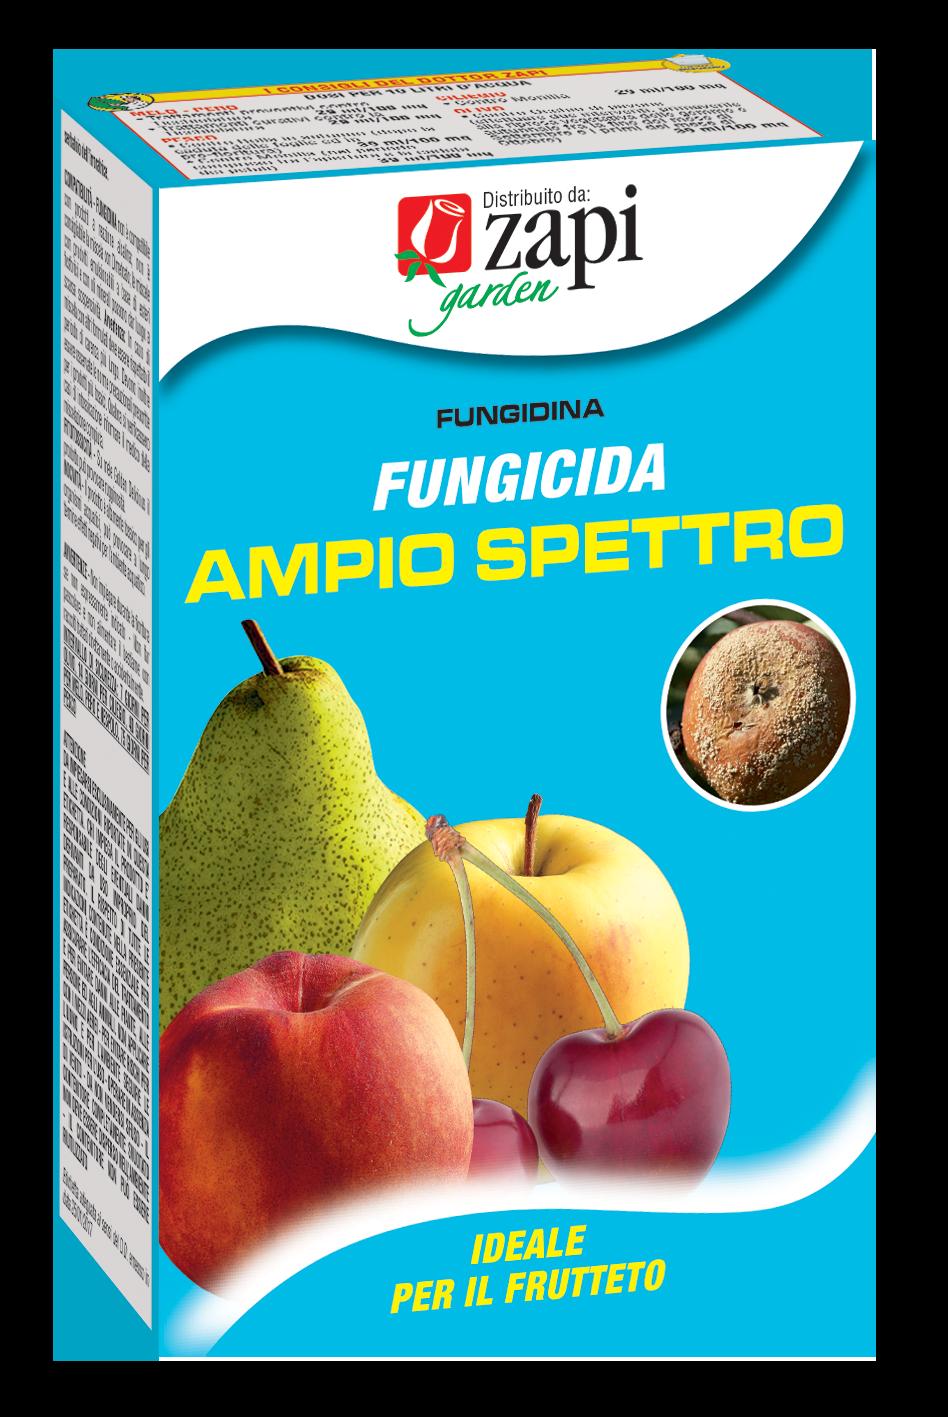 fungicida-ampio-spettro